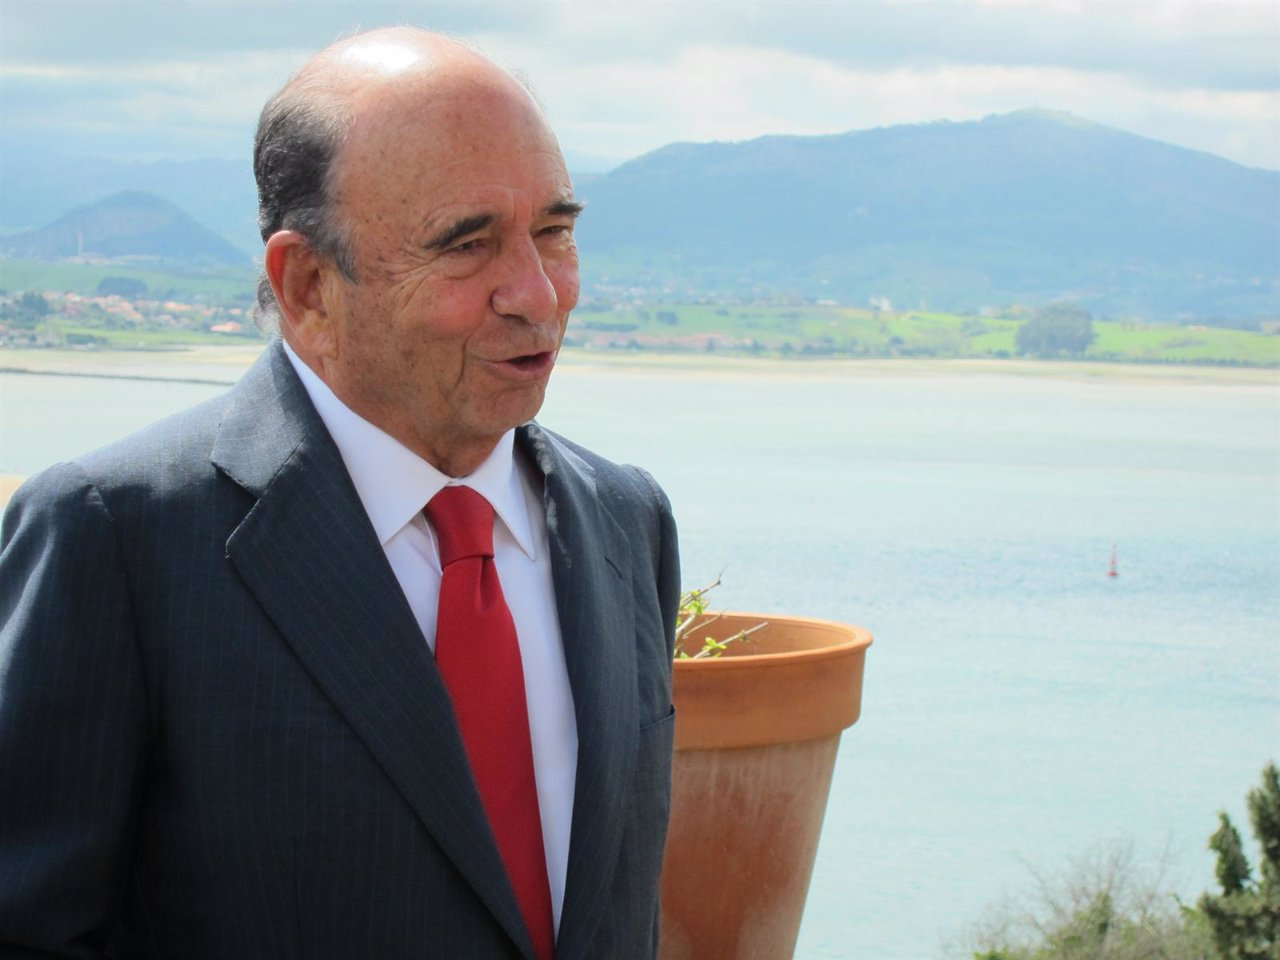 Emilio Botín, Presidente Del Banco Santander, Con La Bahía De Santander Al Fondo